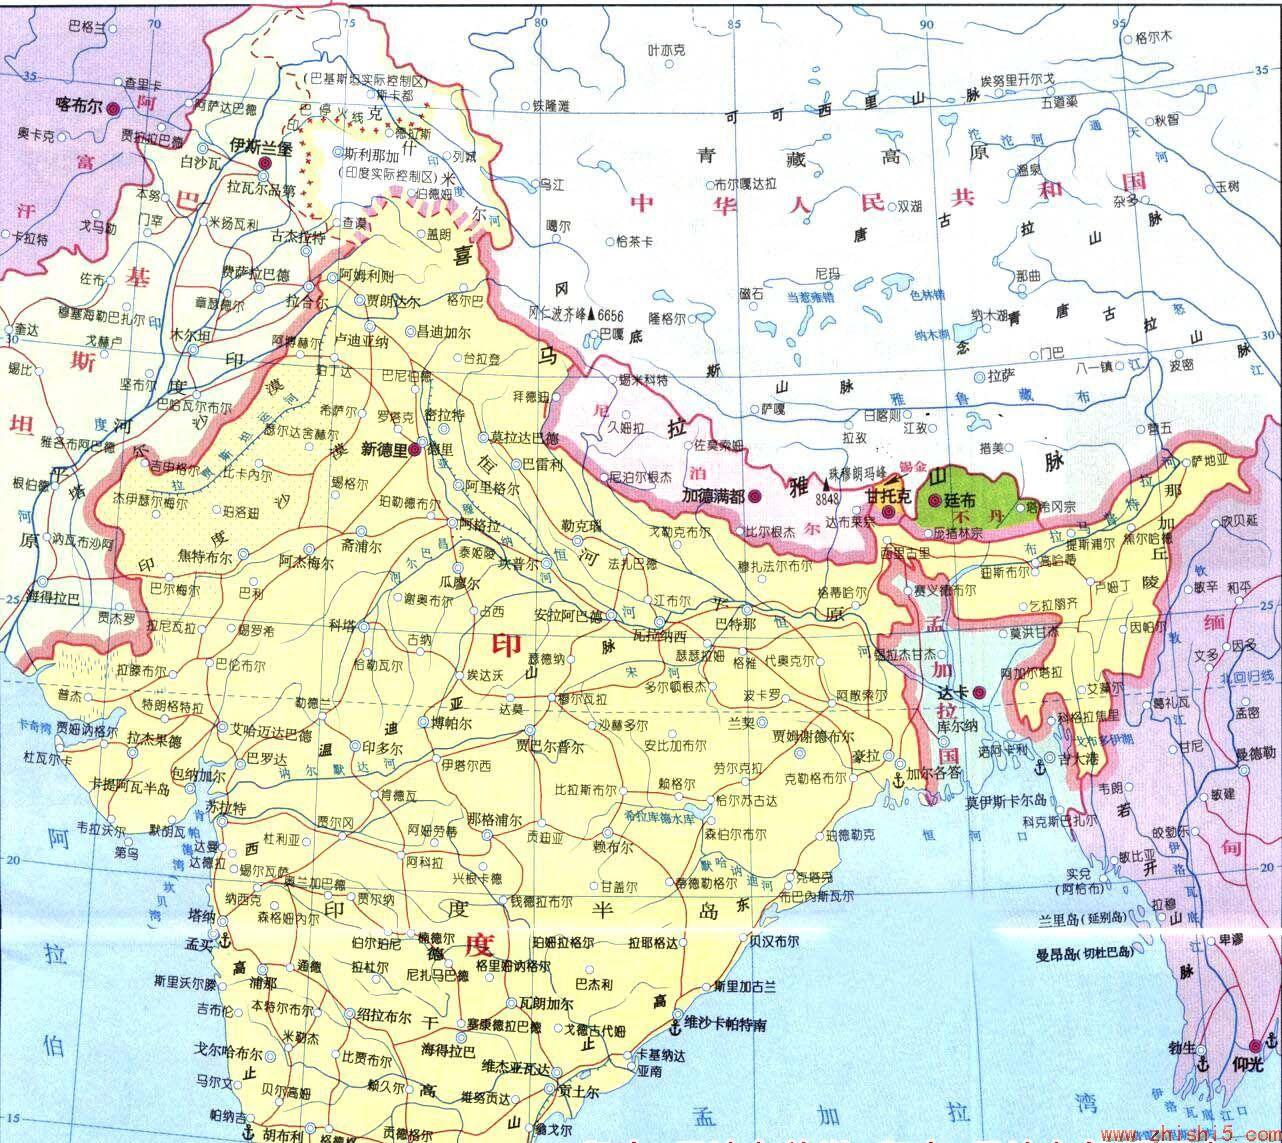 印度中文地图 印度地图中文版